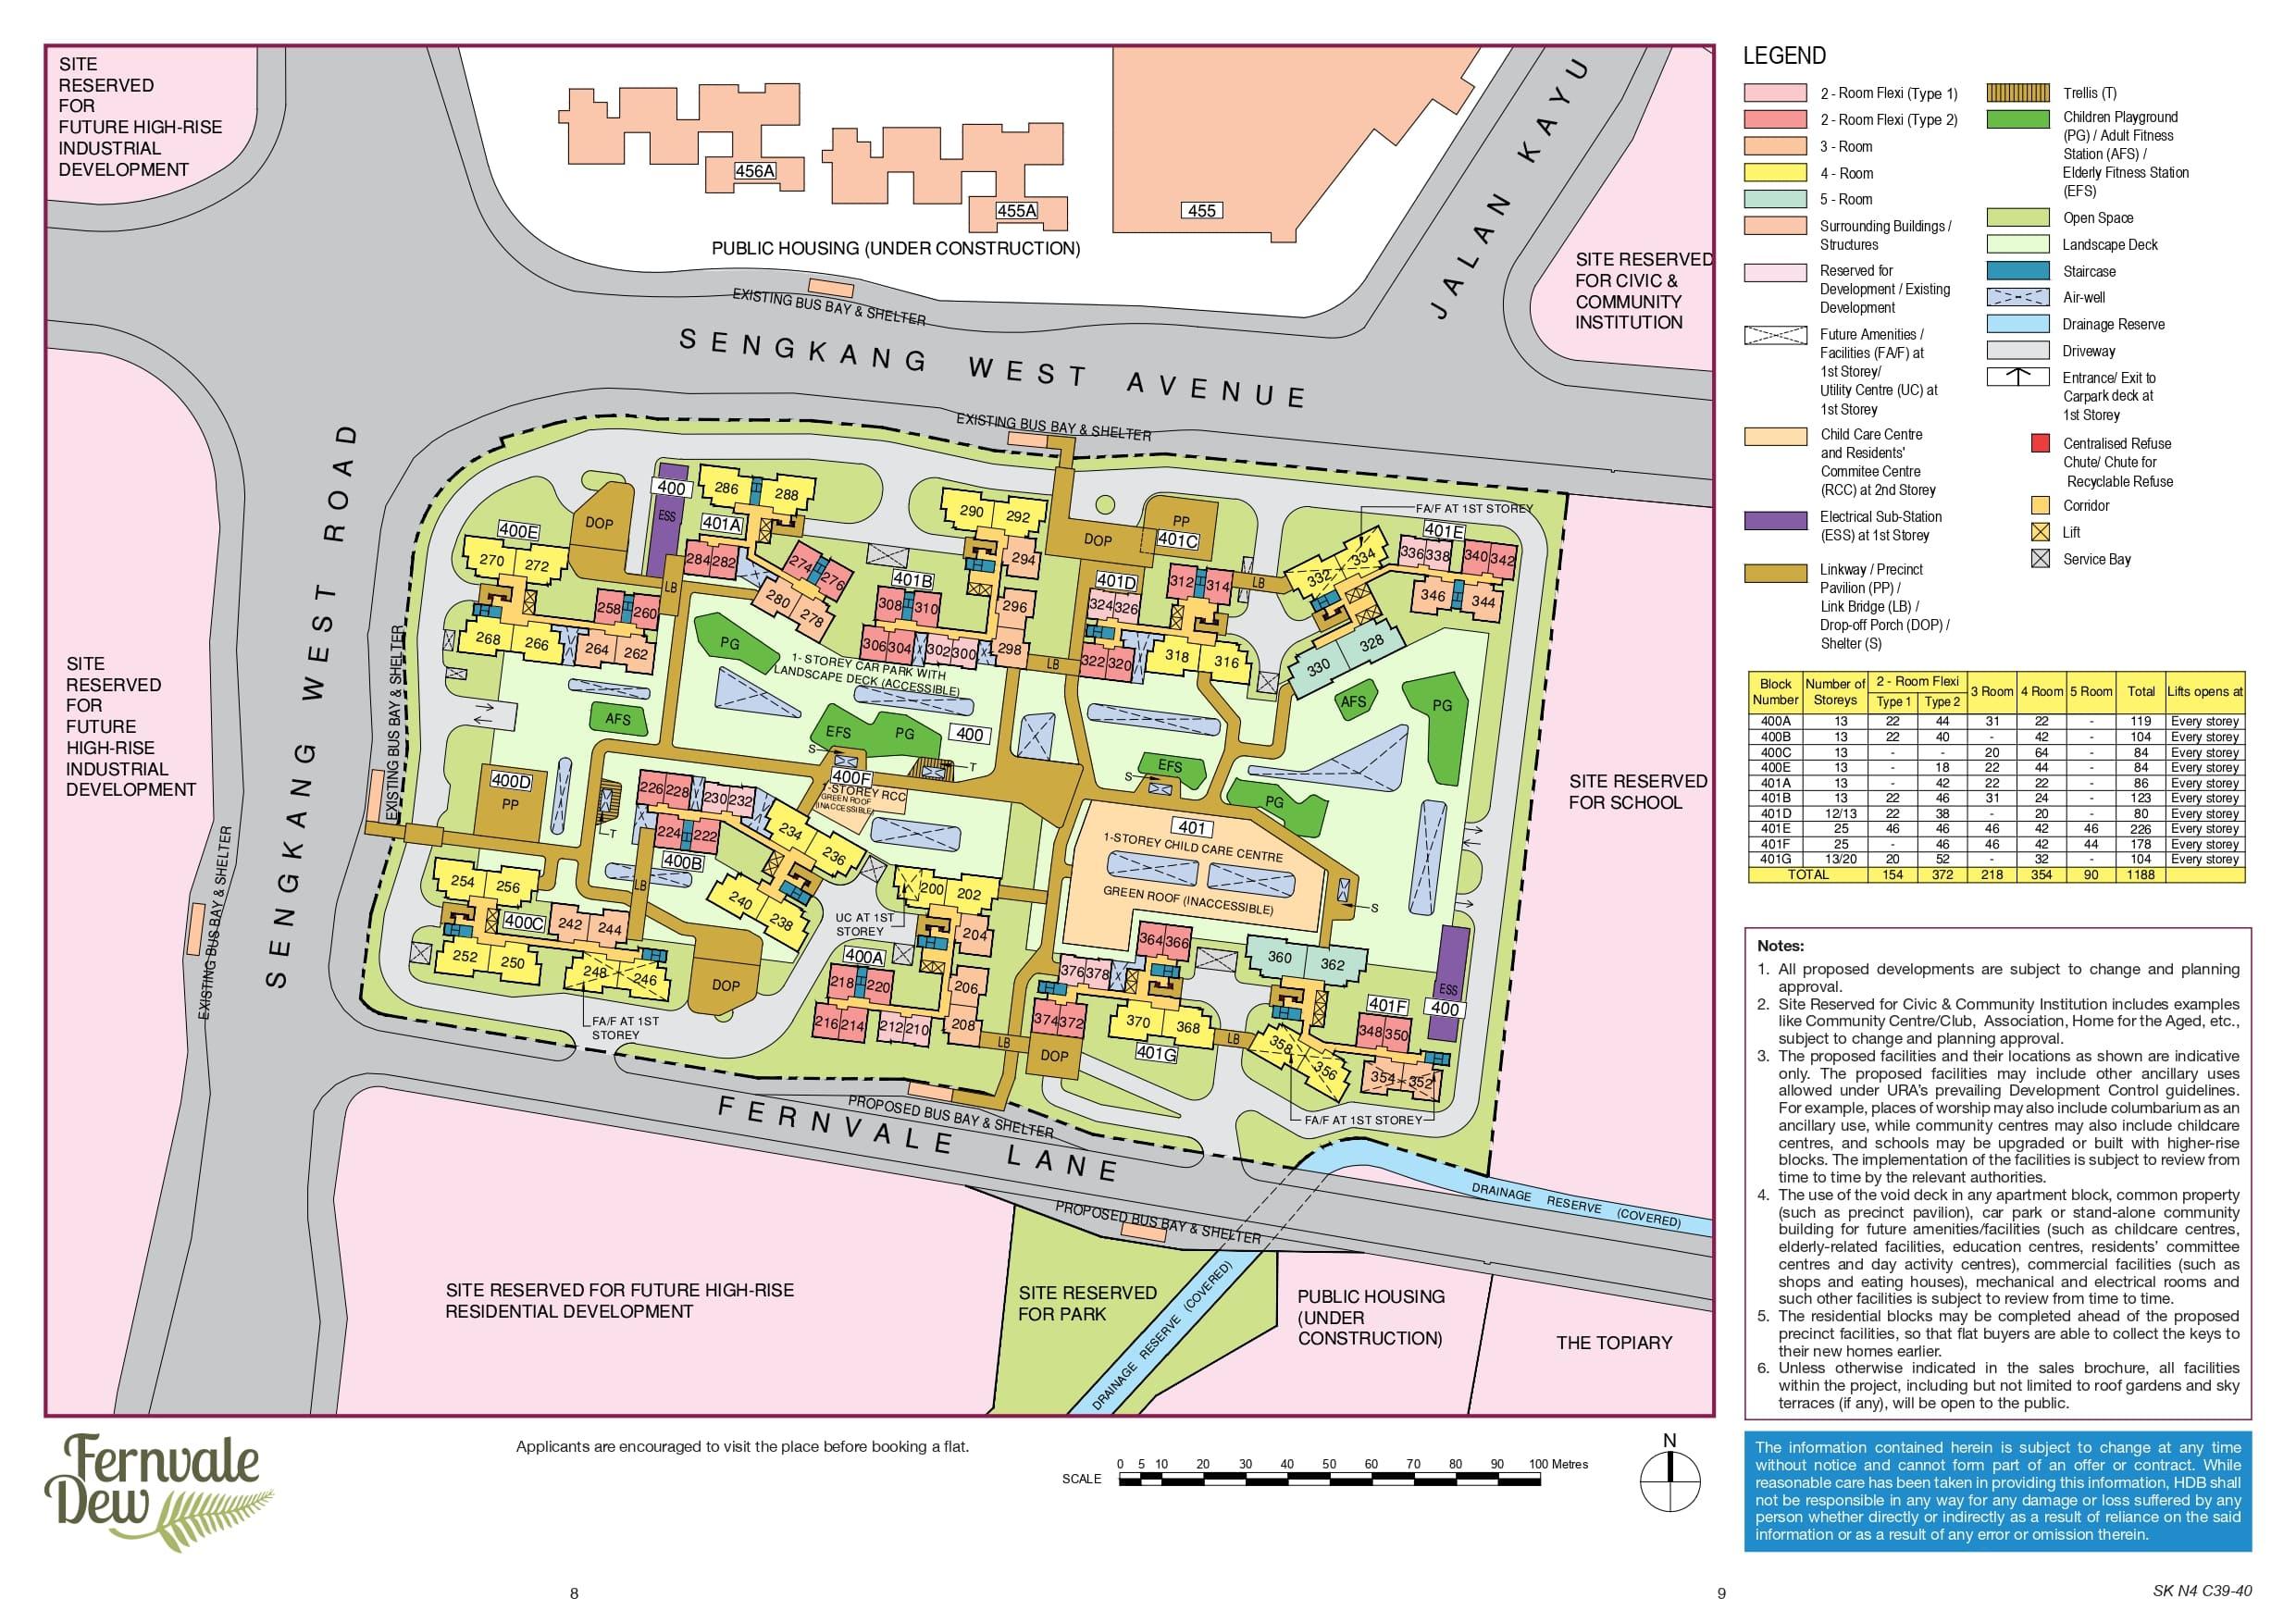 Fernvale Dew Site Plan